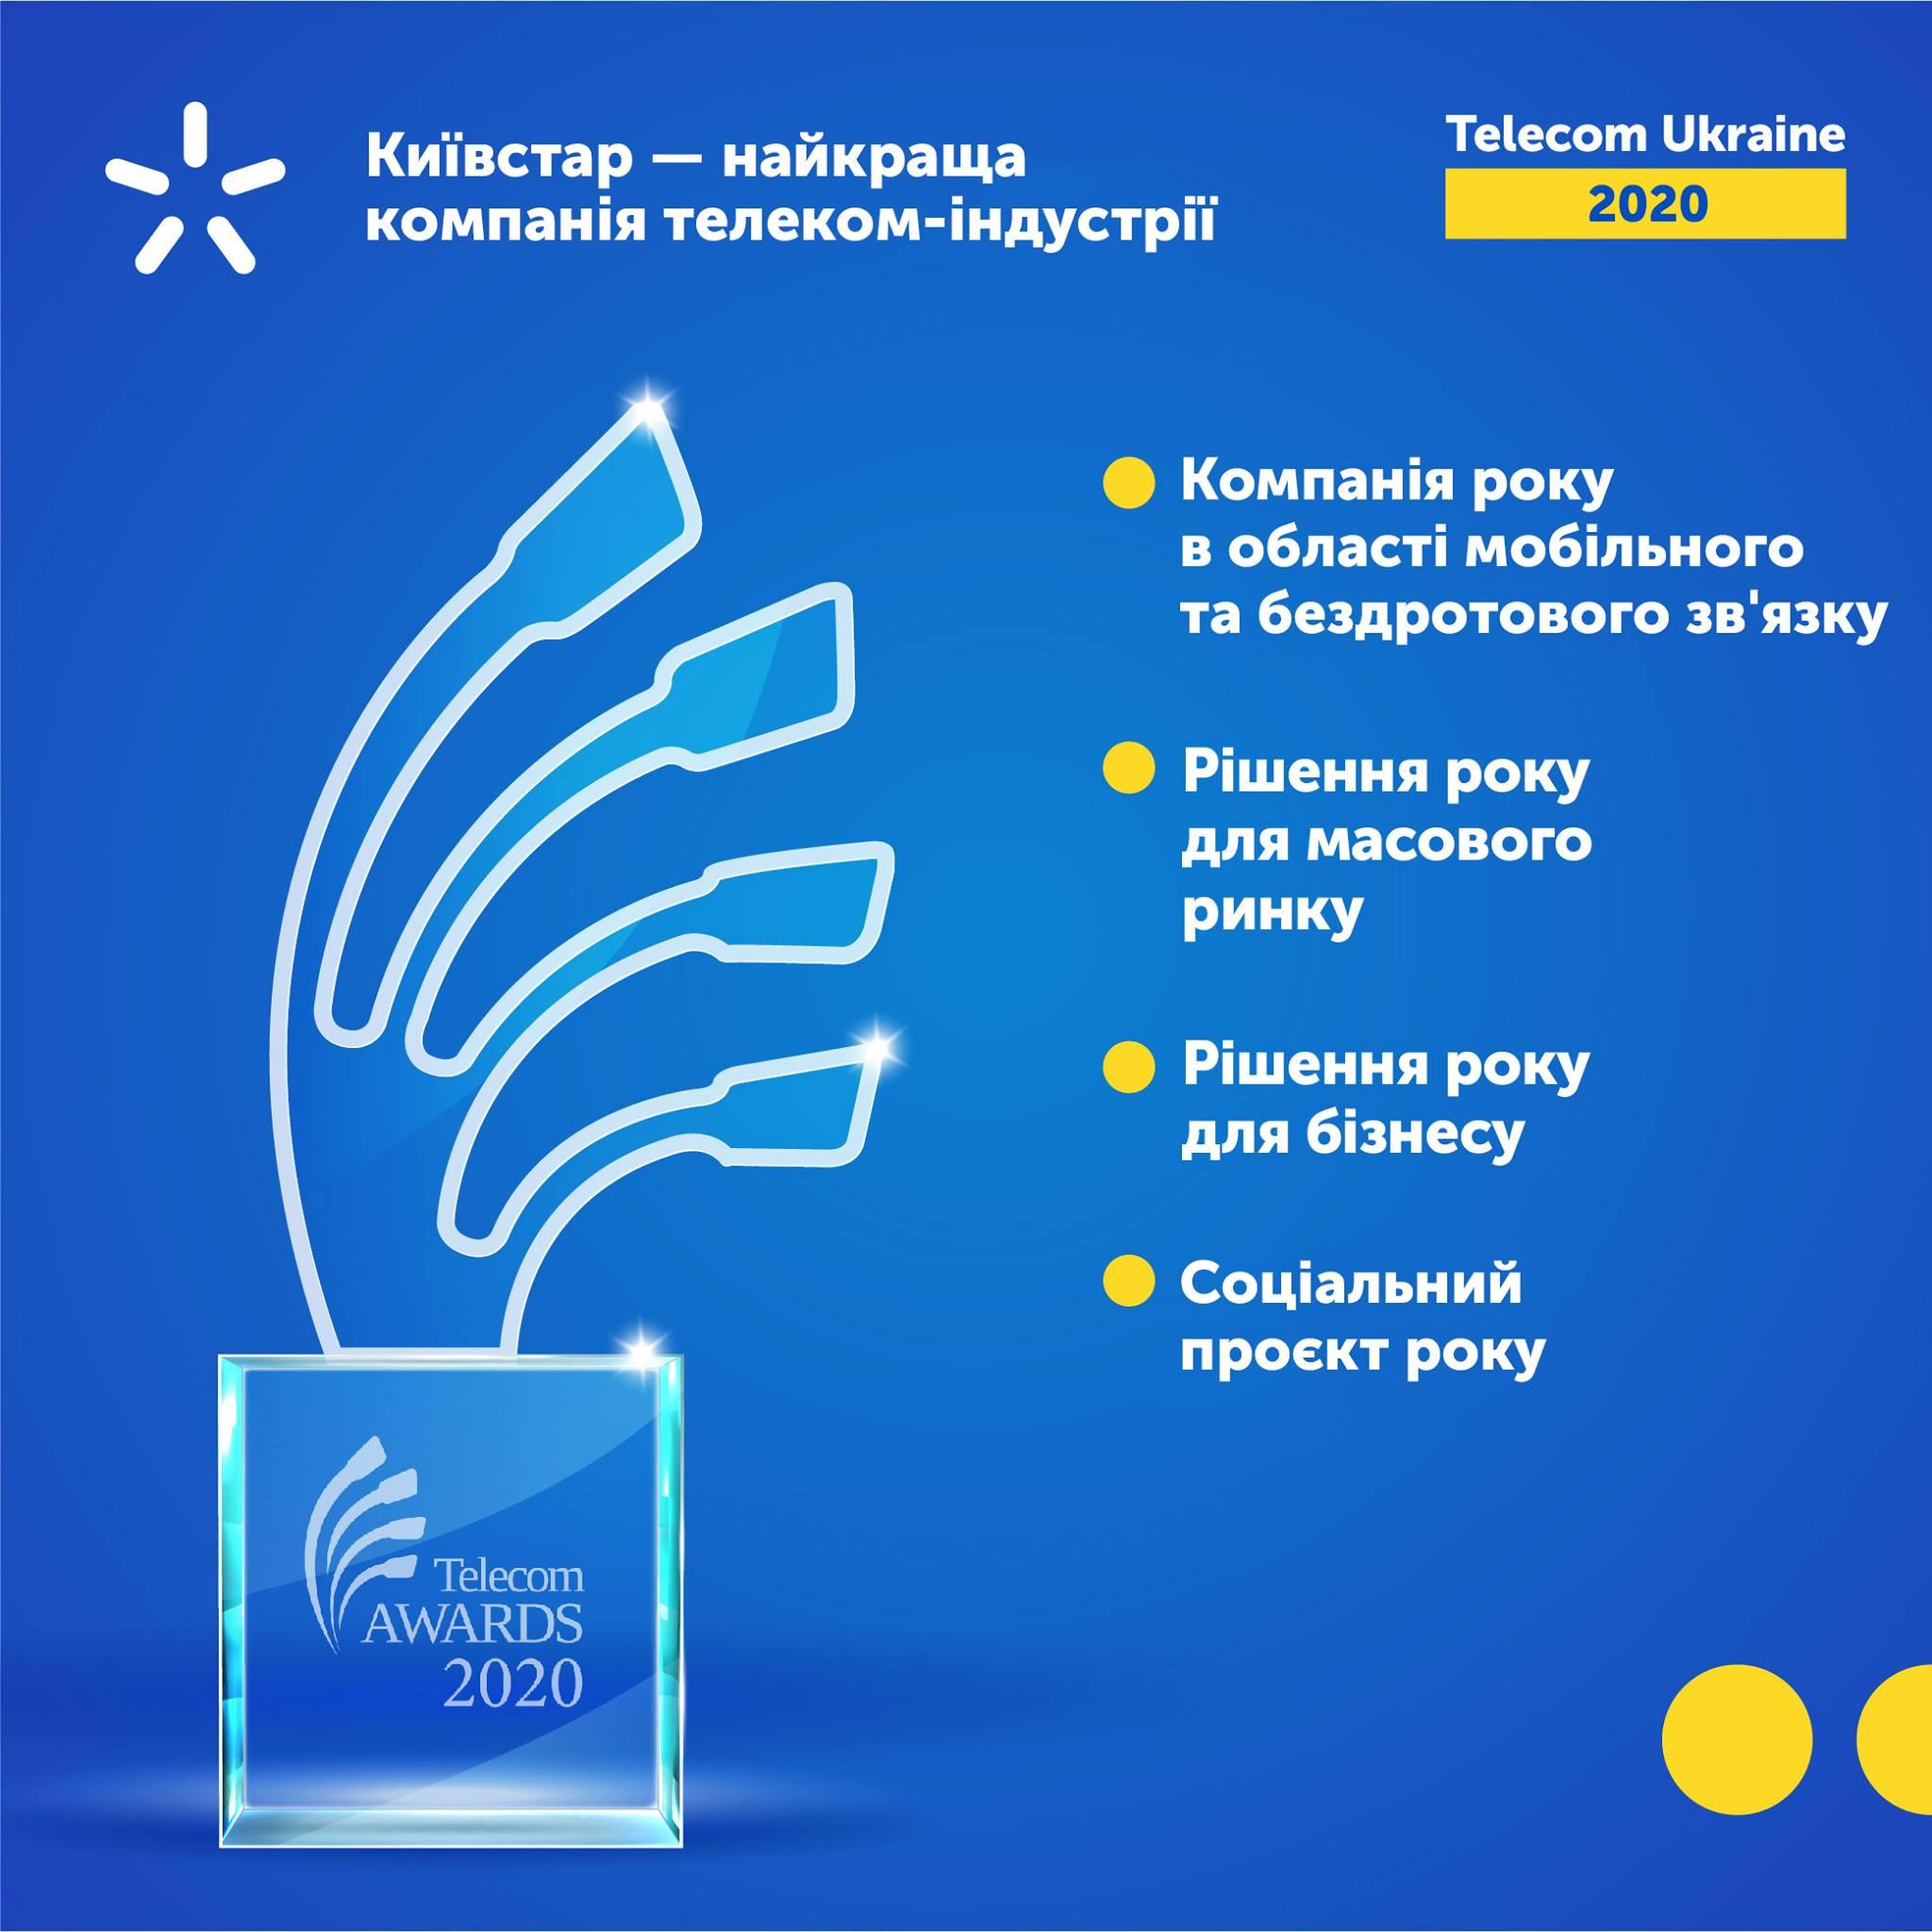 Київстар визнано «Компанією року» в мобільному зв'язку | Kyivstar Business Hub зображення №2